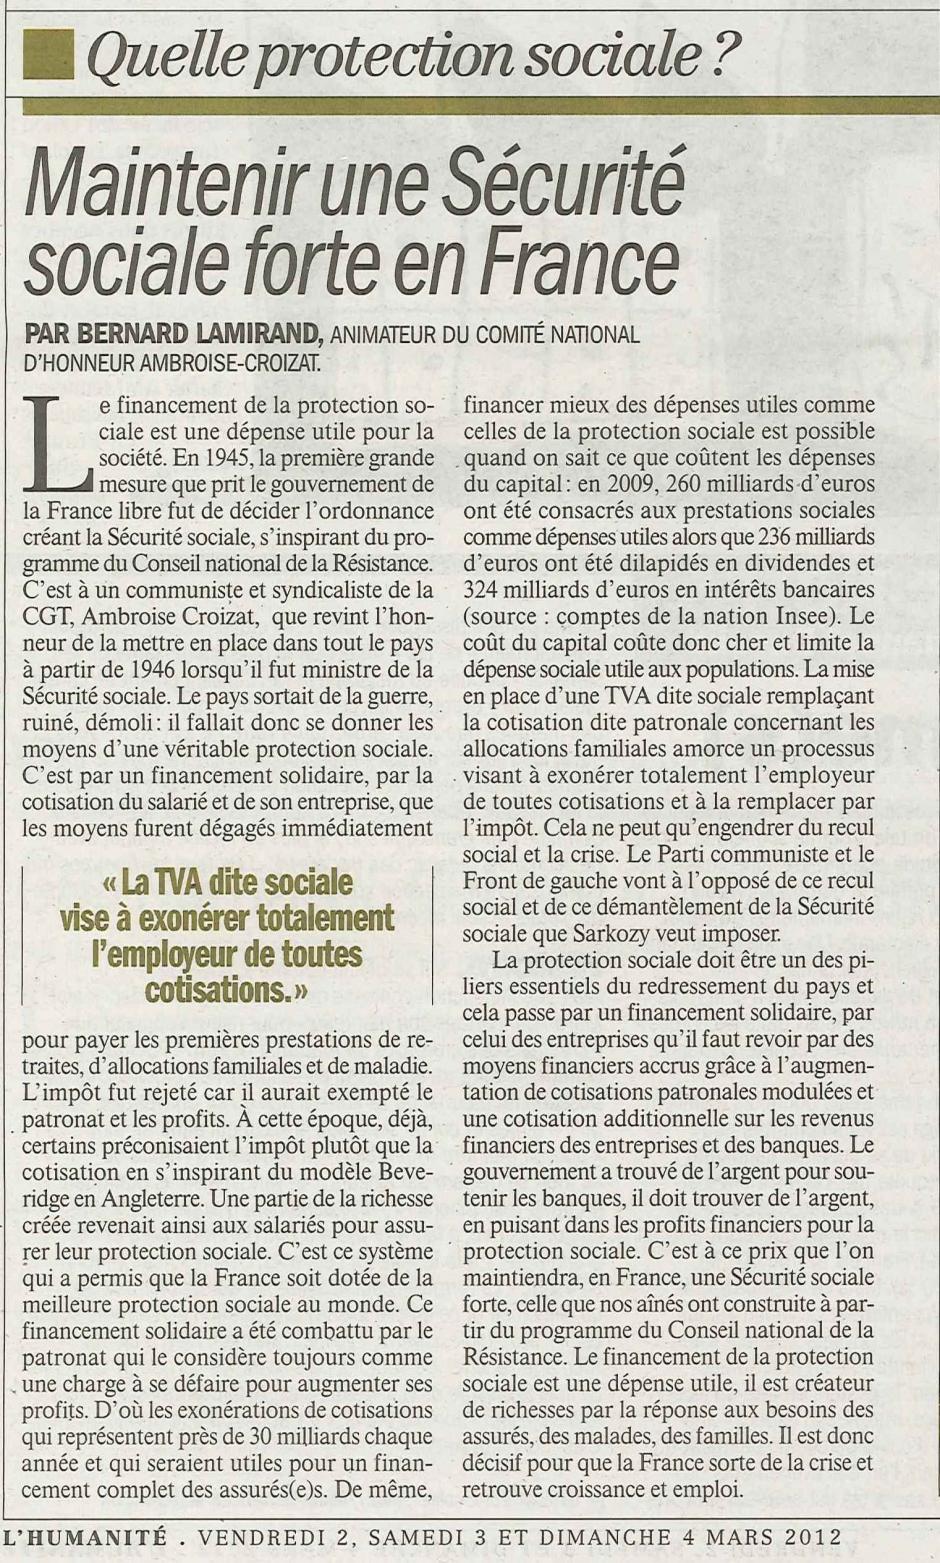 Bernard Lamirand-Maintenir une Sécurité sociale forte en France-Article paru dans l'Humanité des 2, 3 et 4 mars 2012